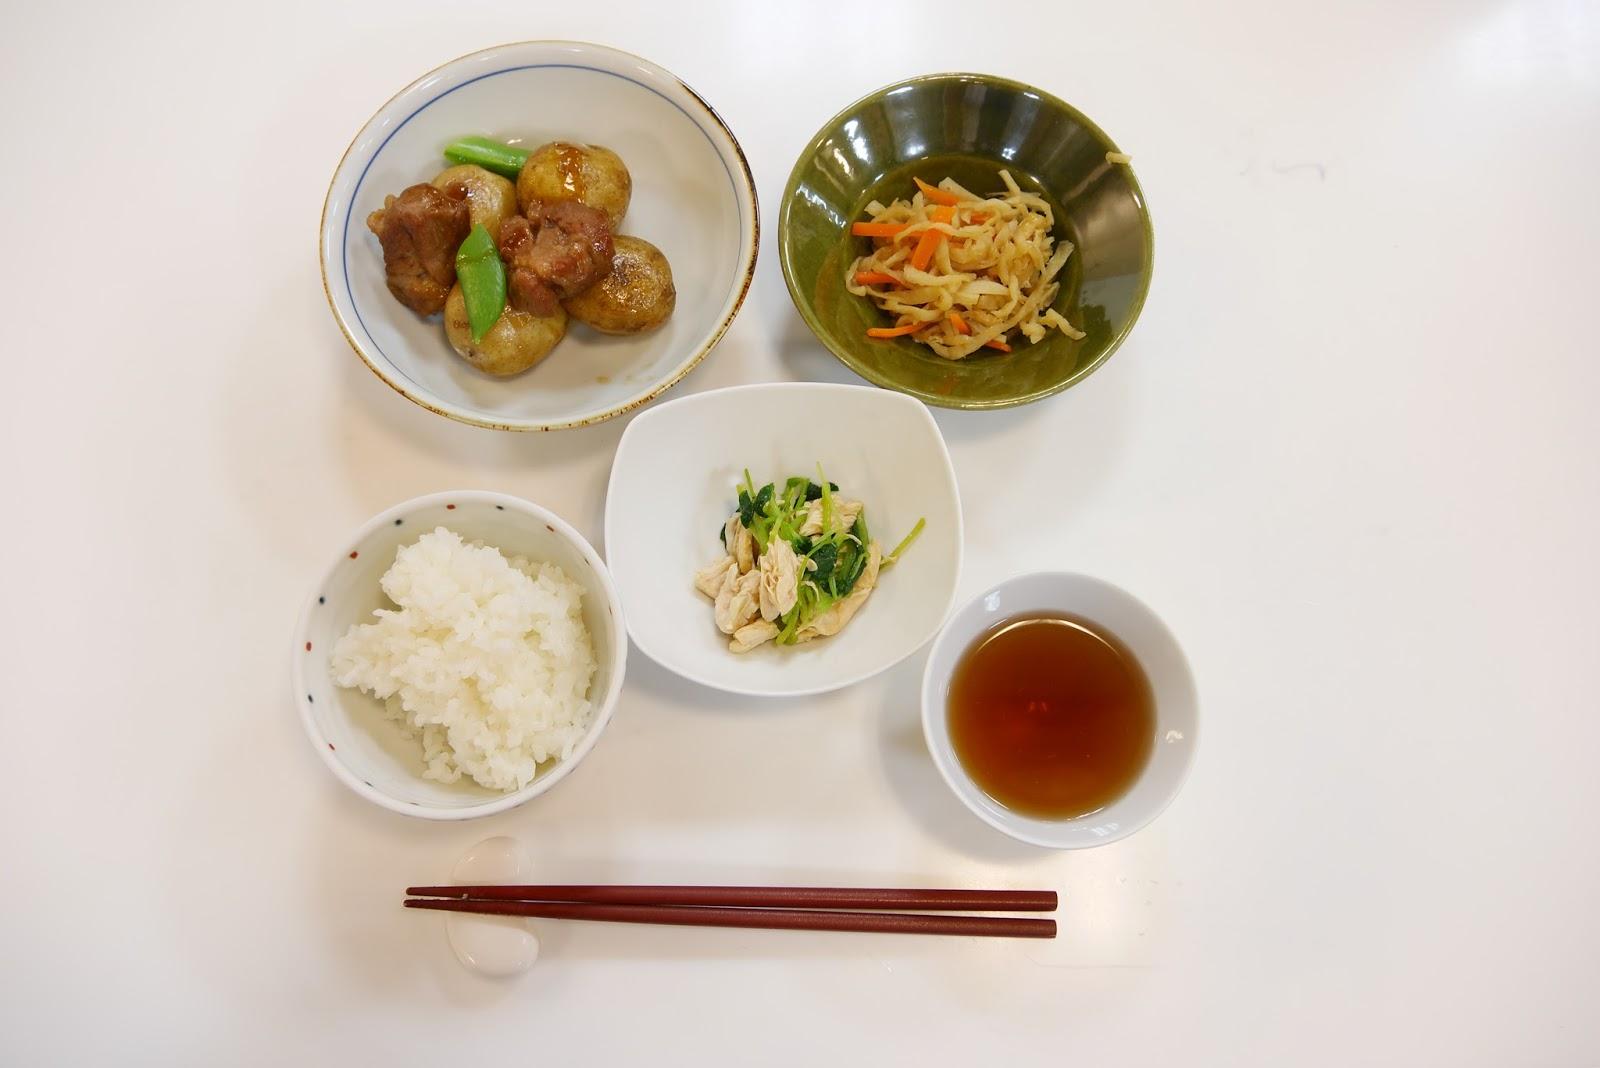 ベターホームのお料理教室梅田教室|ナビゲーション …